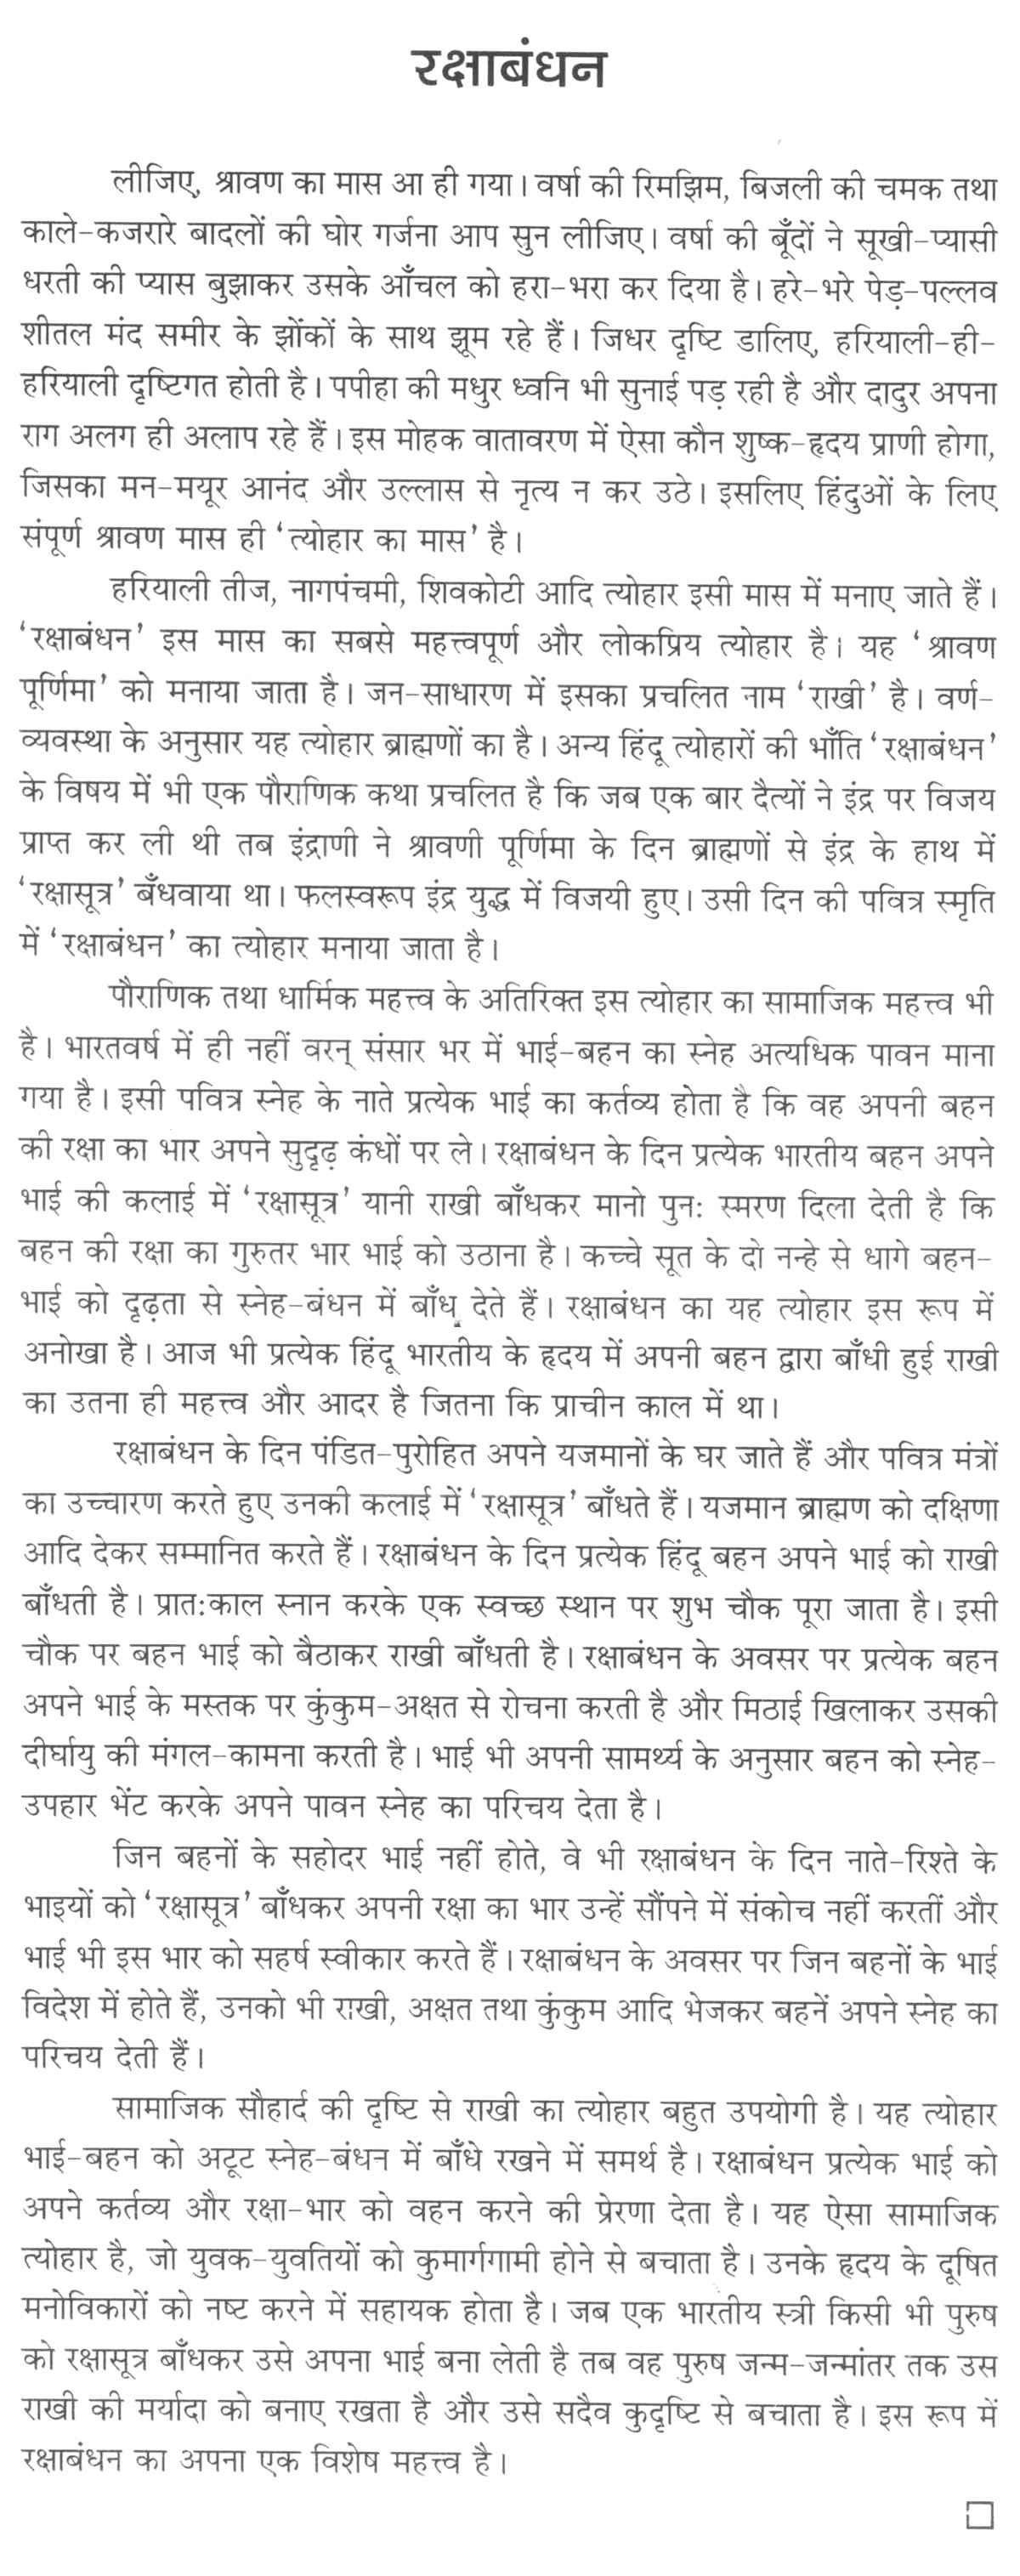 Essay on Raksha Bandhan in Hindi for Class 7 रक्षाबंधन पर निबंध हिंदी में